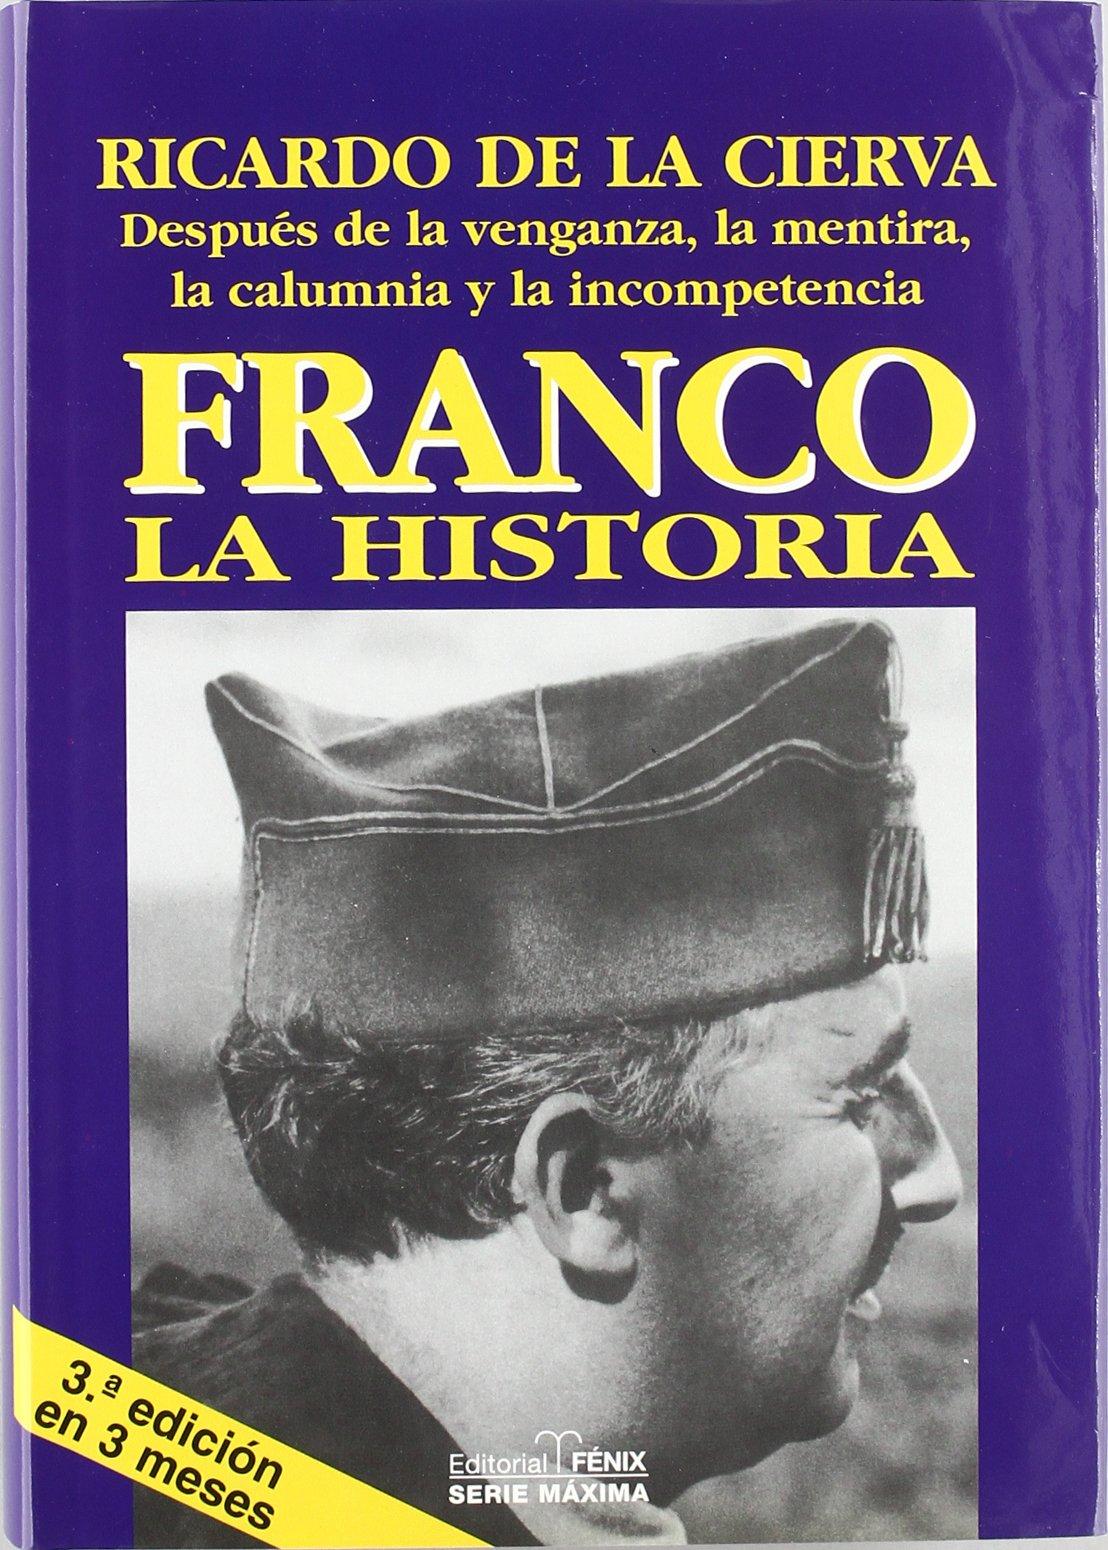 Franco, la historia : después de la venganza, la mentira, la calumnia y la incompetencia Fondos Distribuidos: Amazon.es: Cierva, Ricardo De La.: Libros